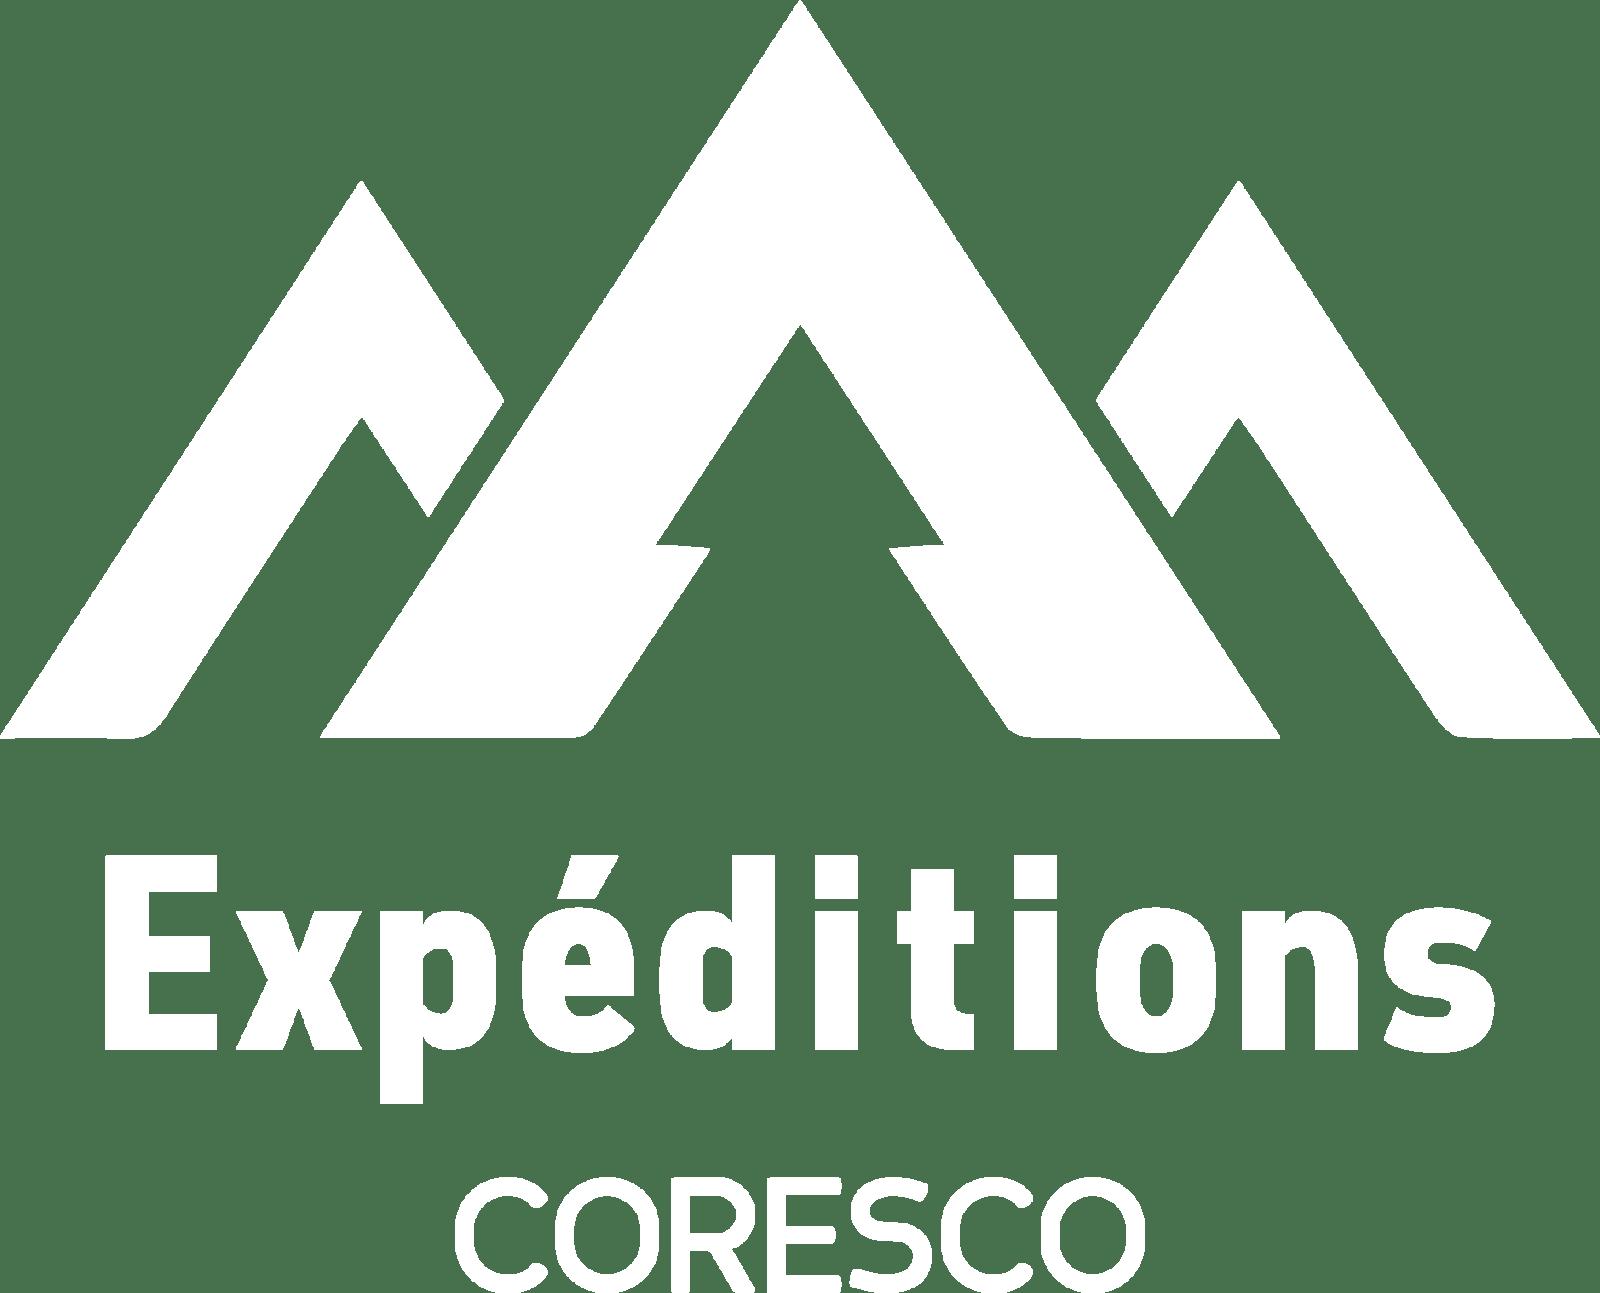 EXPEDITIONS CORESCO